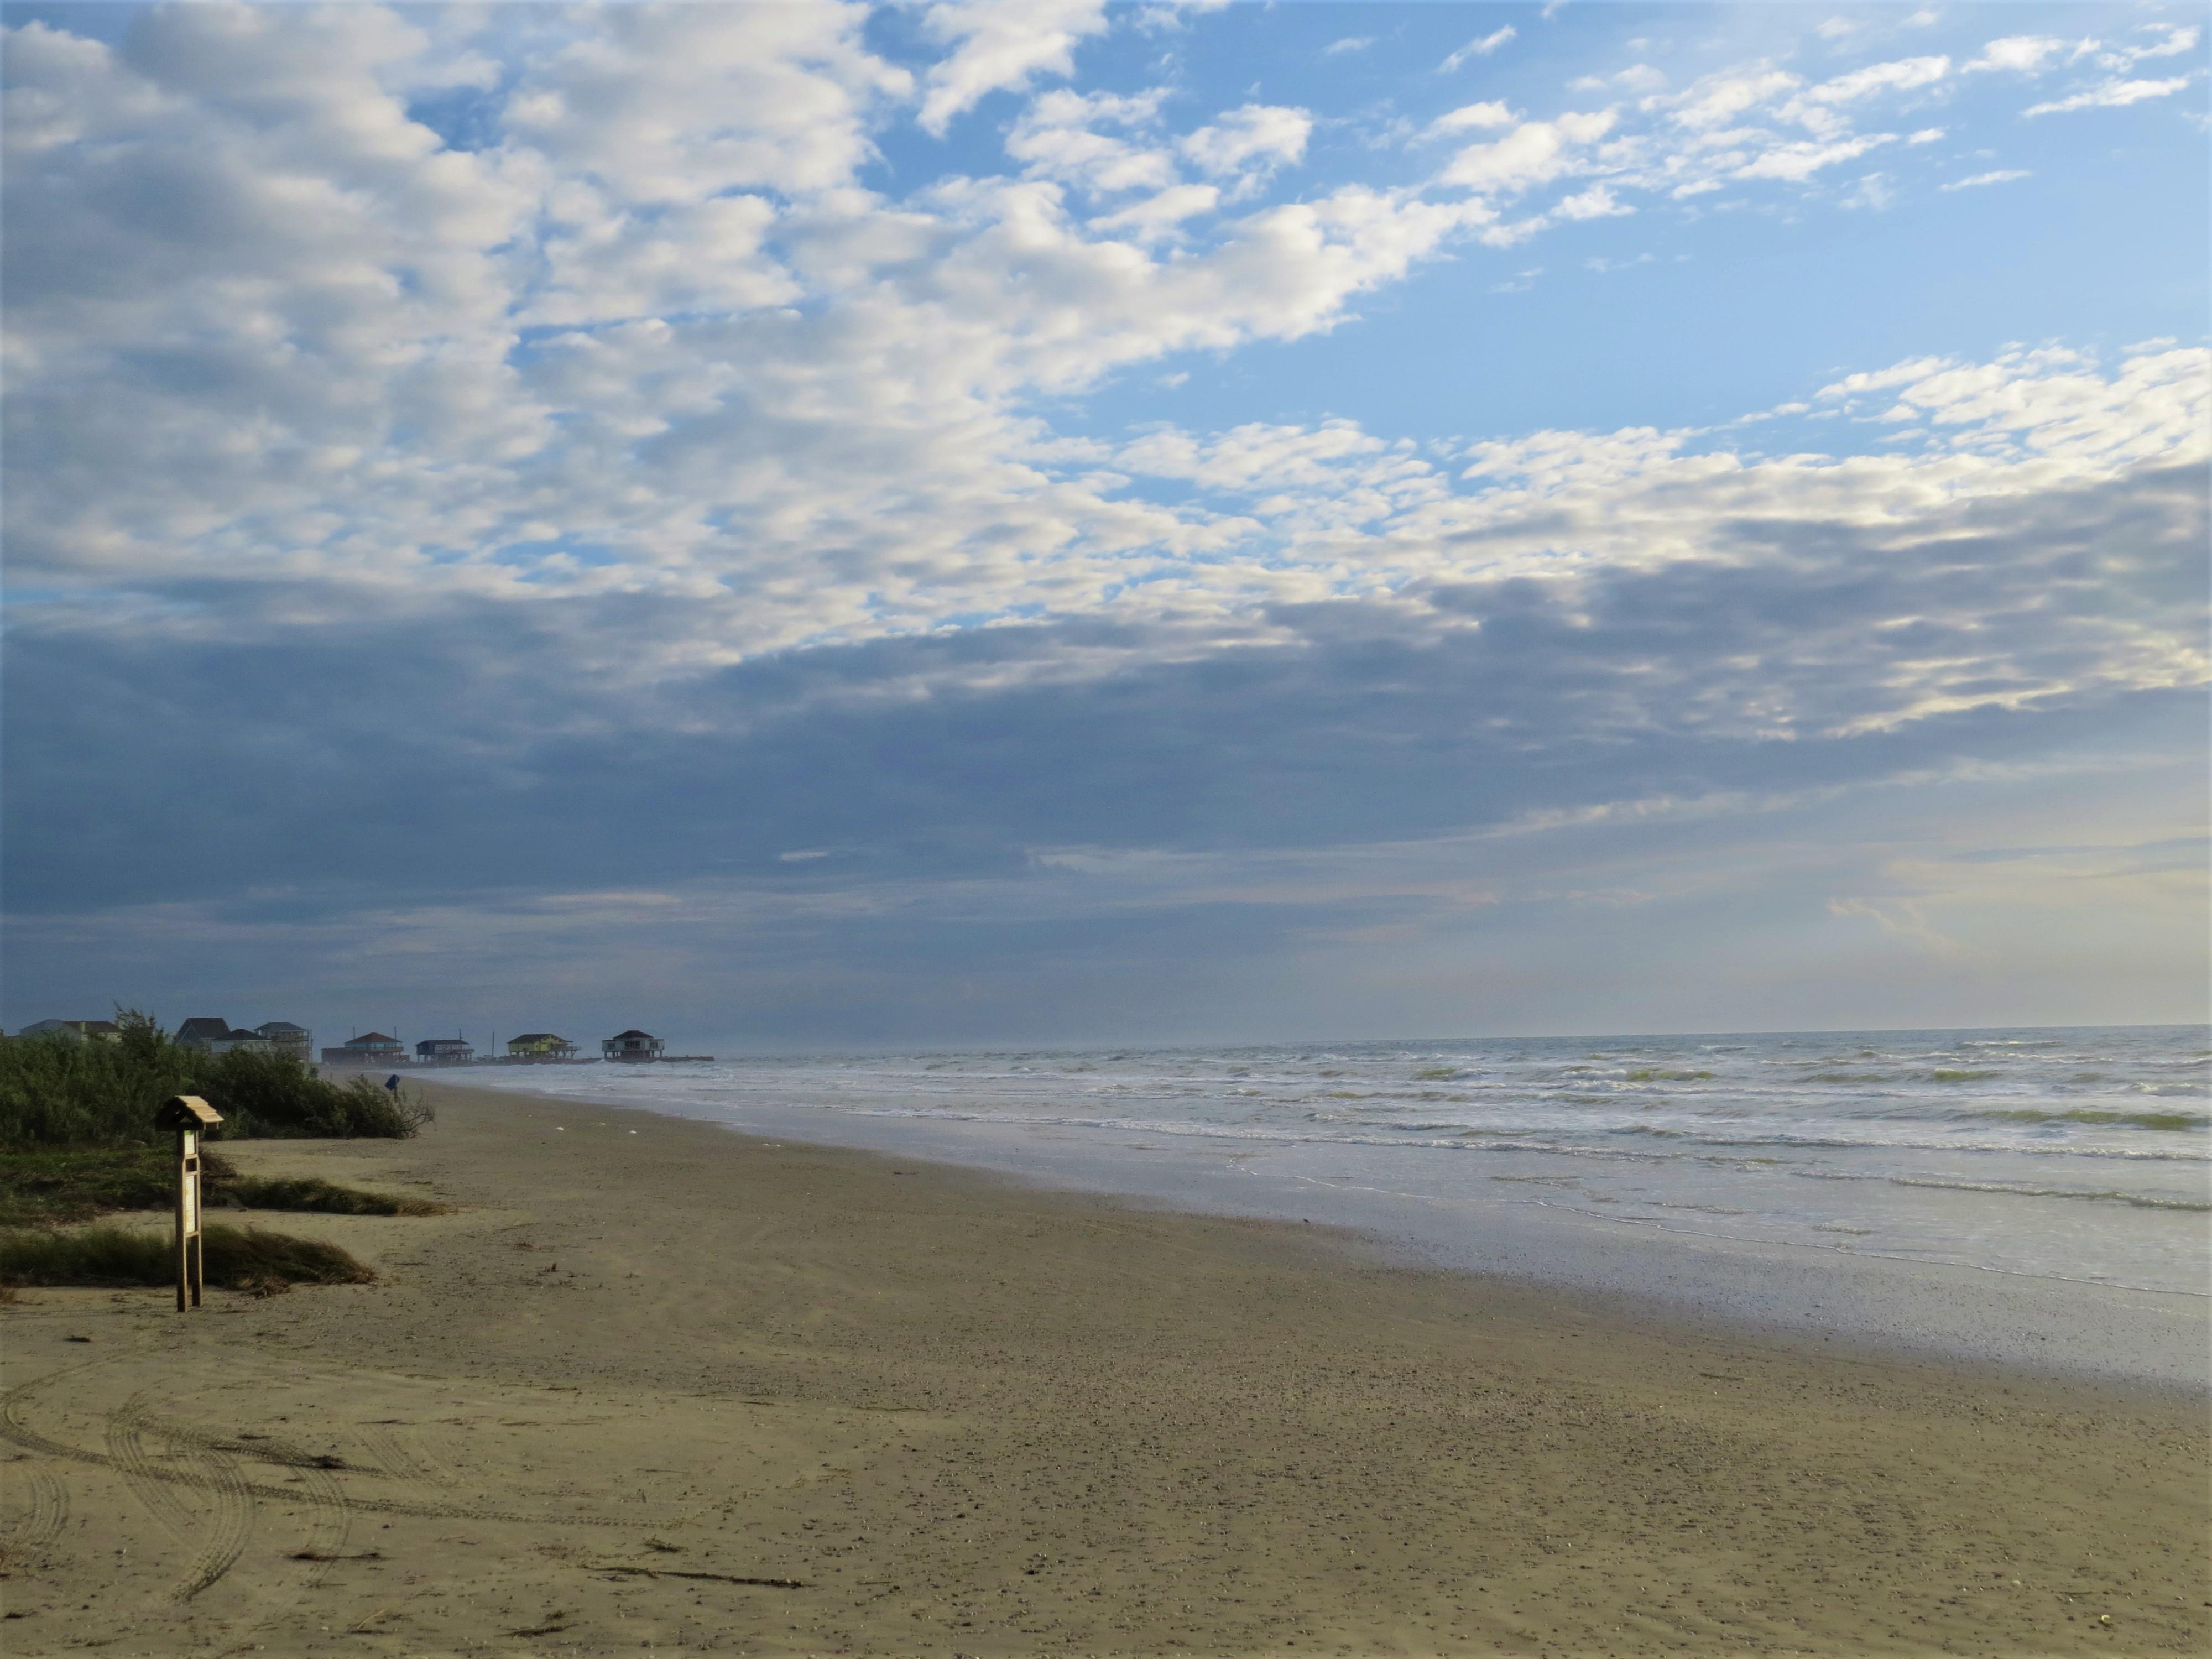 Beach at San Luis